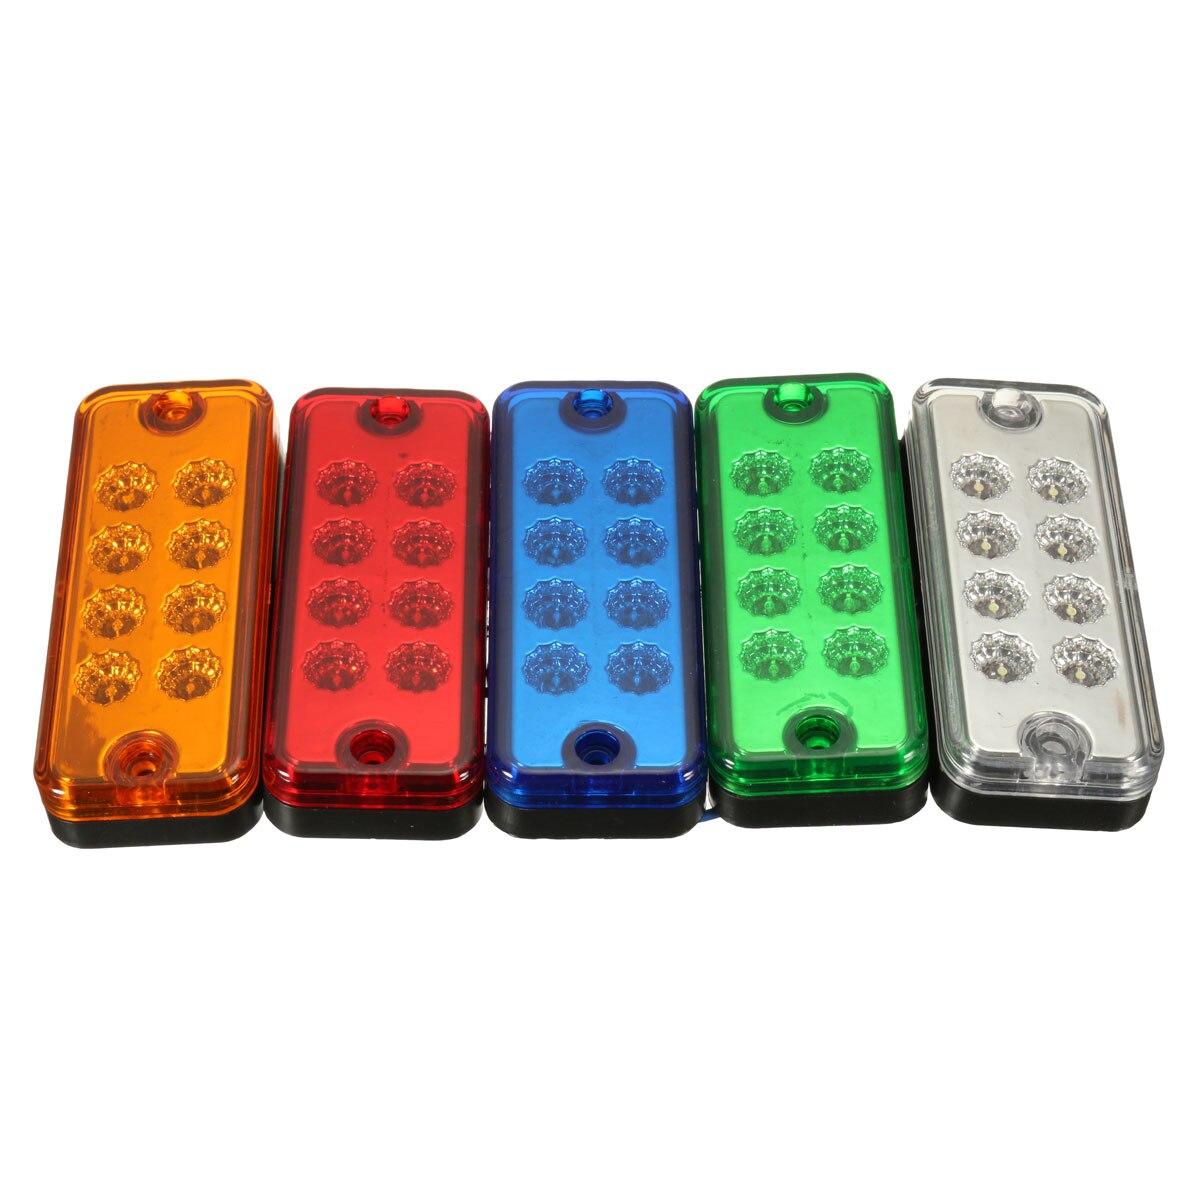 https://ae01.alicdn.com/kf/HTB1pndeOpXXXXc5XVXXq6xXFXXXl/12-V-8-LED-Side-Marker-Indicator-Lamp-Truck-Trailer-vrachtwagen-Caravan-Waterdichte-Auto-LED-Verlichting.jpg